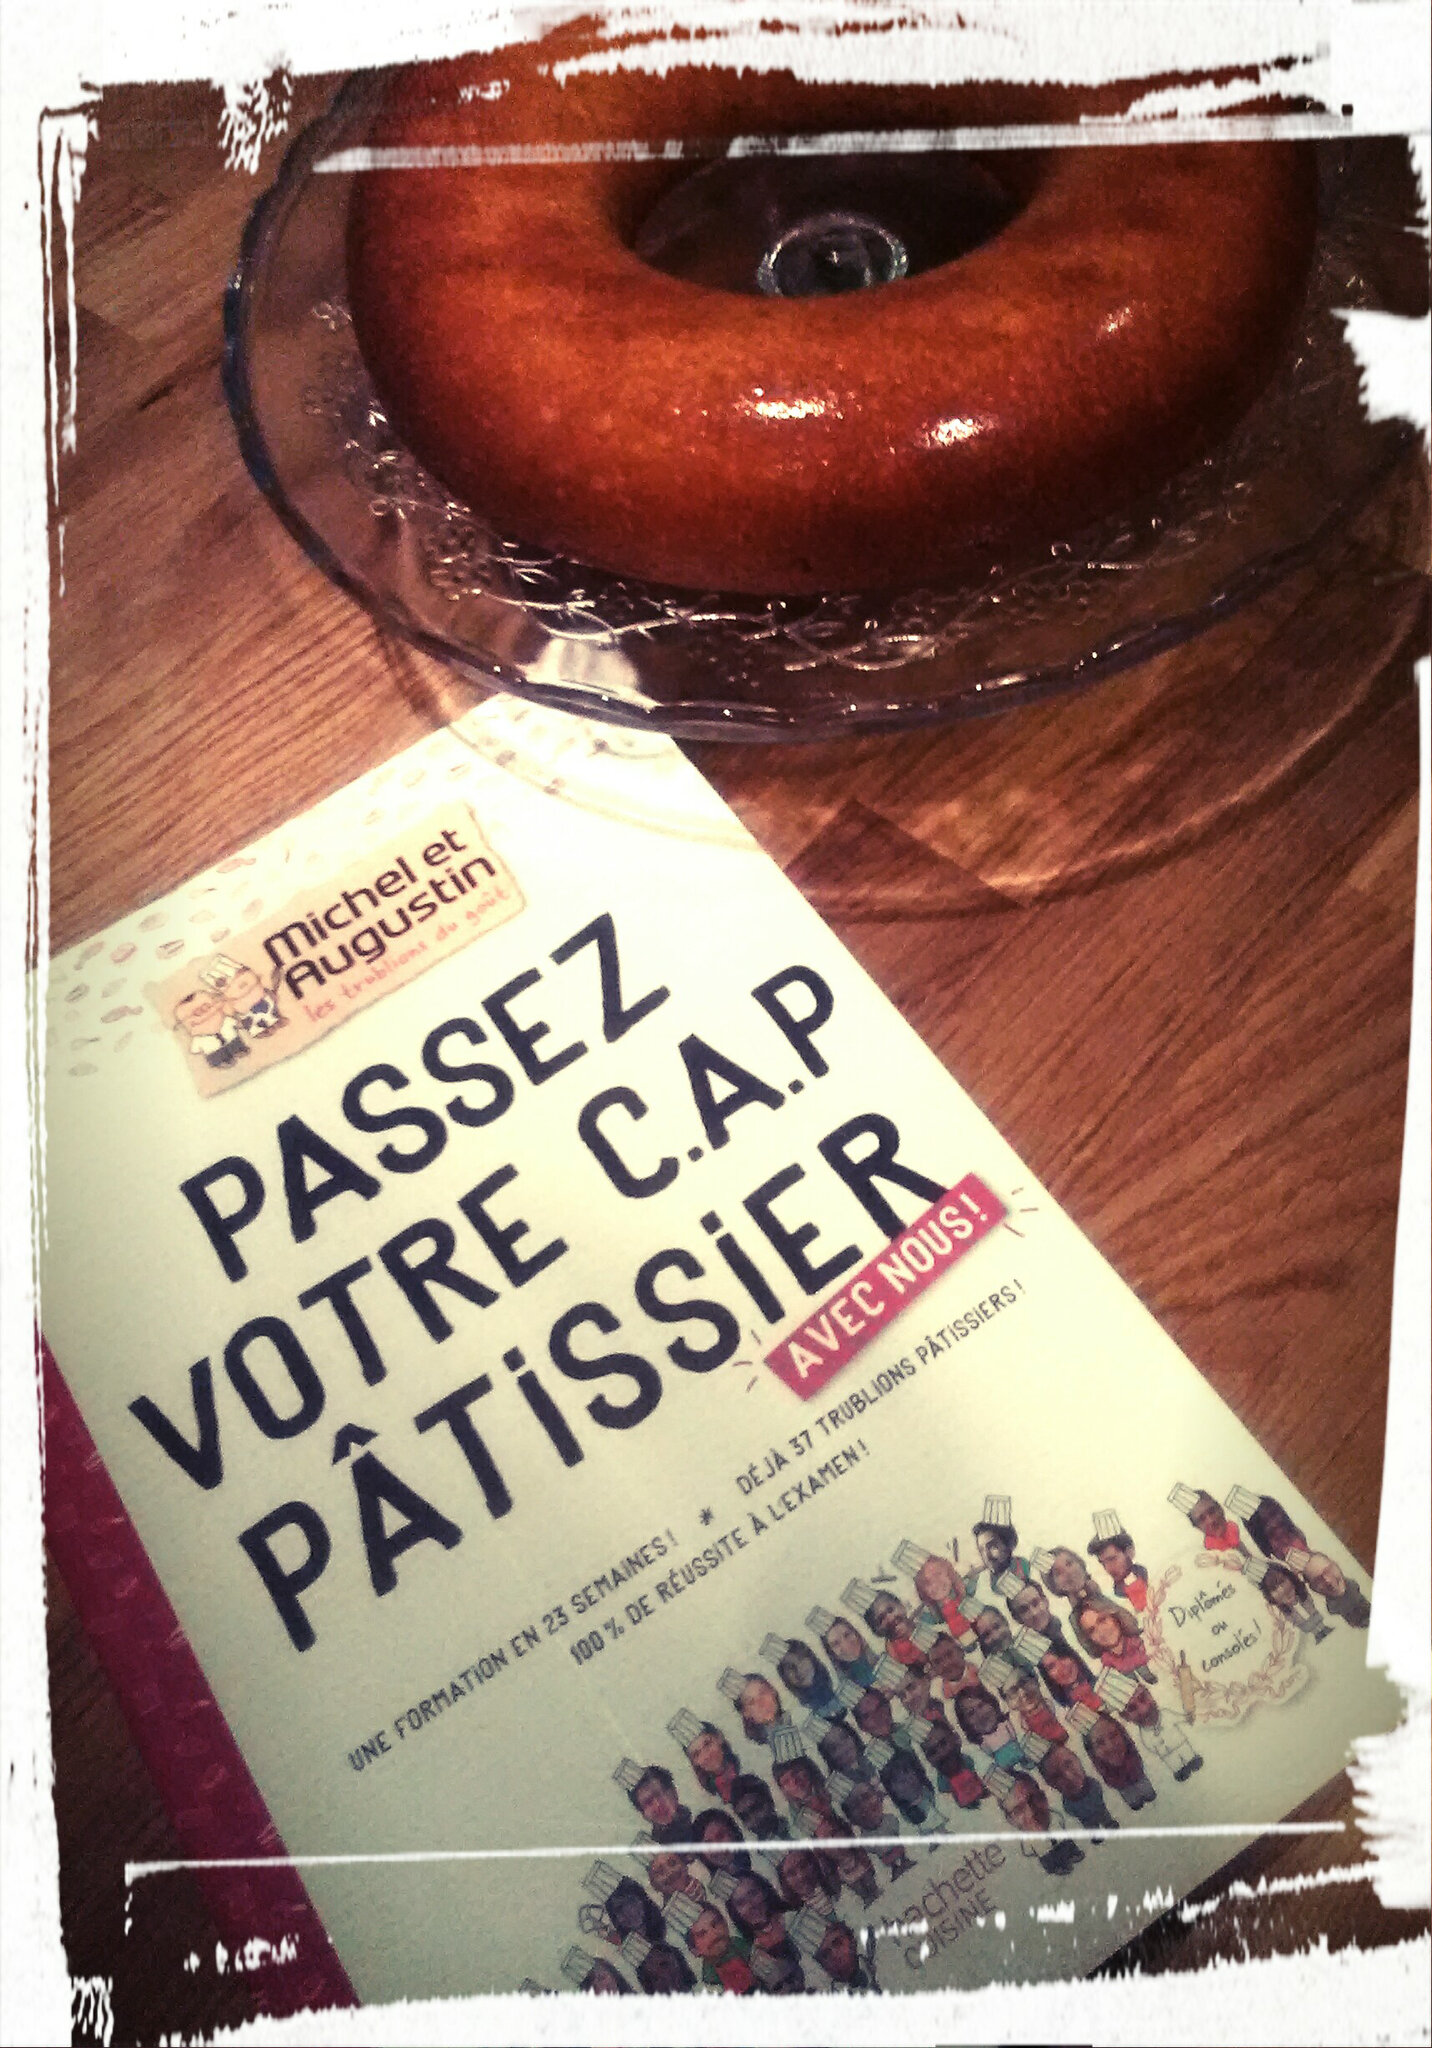 Idée de cadeau pour Noël : le livre de pâtisserie de Michel et Augustin